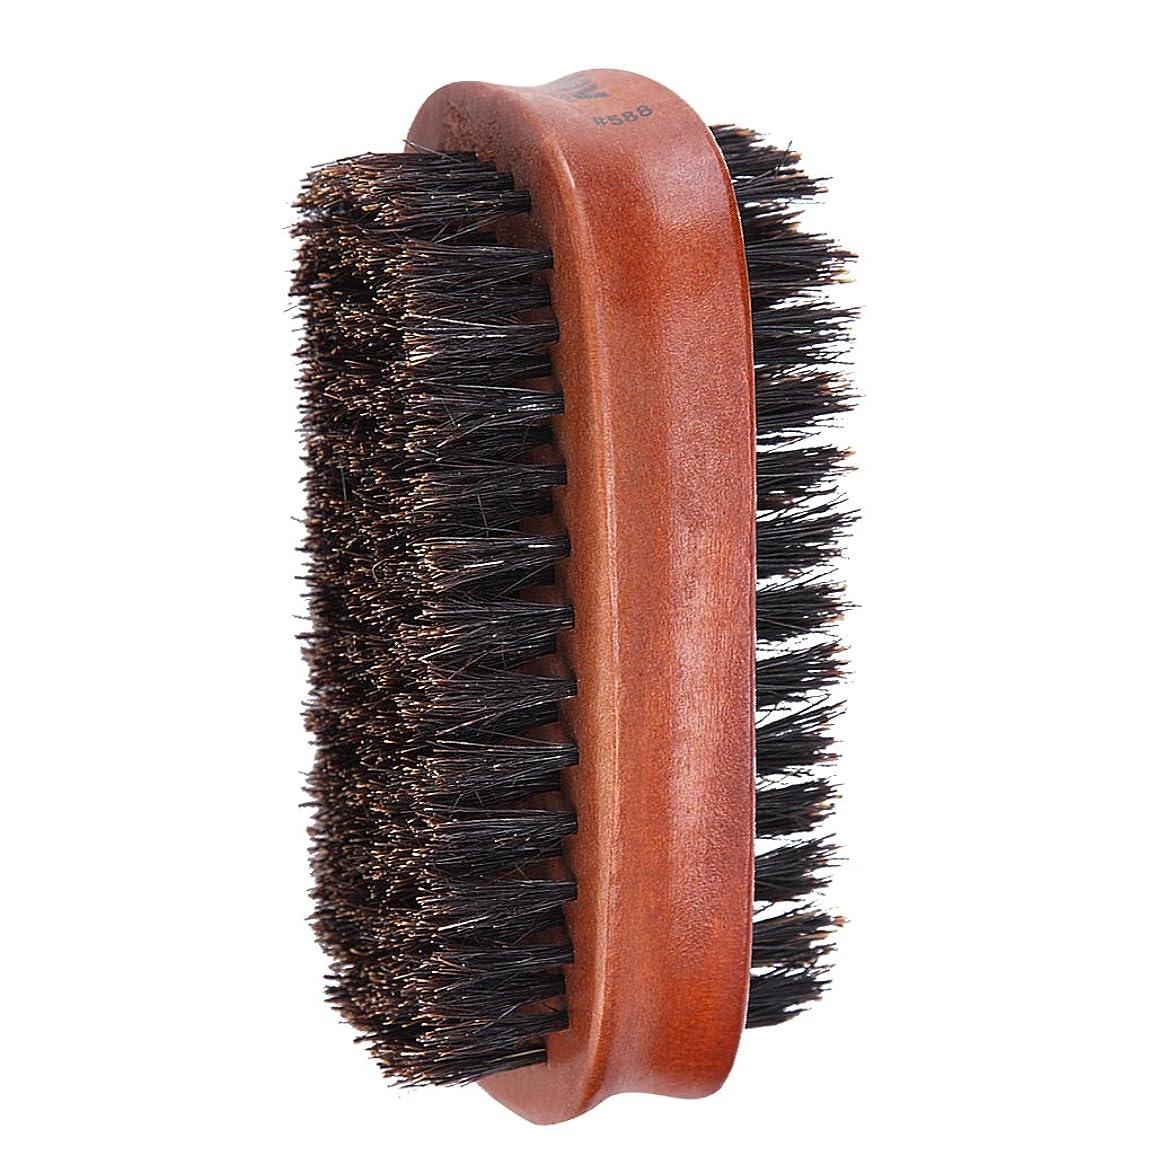 シーサイドクローン病院CUTICATE 男性髪髭口ひげグルーミングブラシハード両面コーム